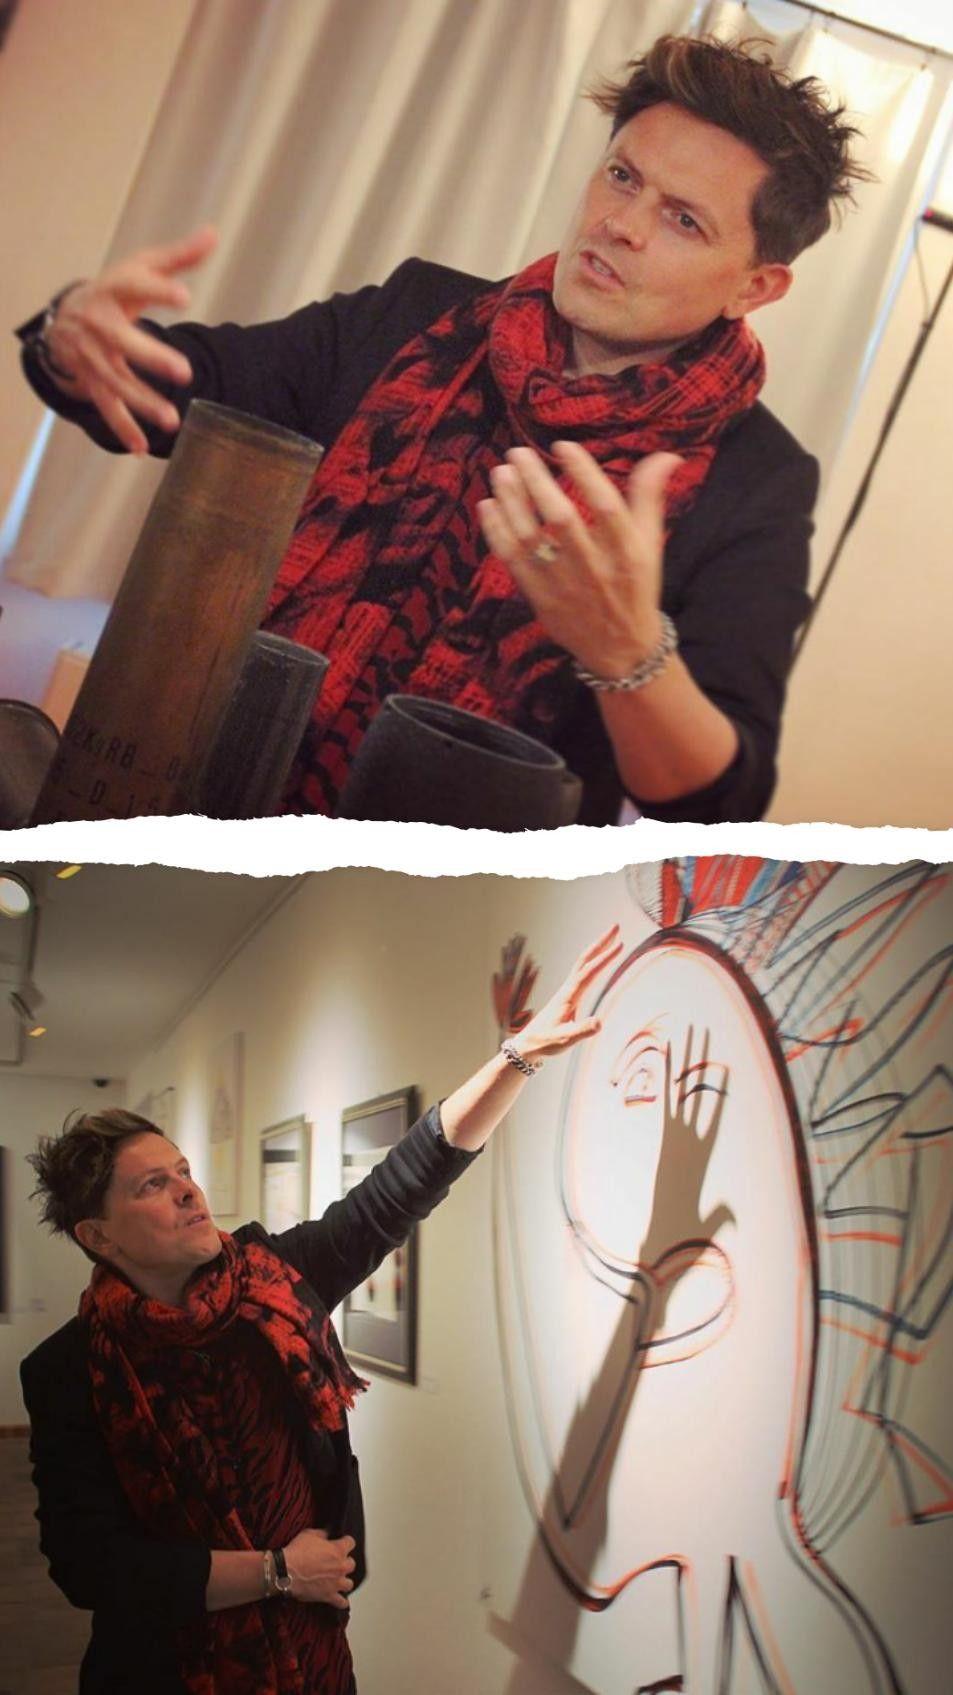 Pin Von Pani Colombova Auf Mpk Paddy Collages Paddy Kelly